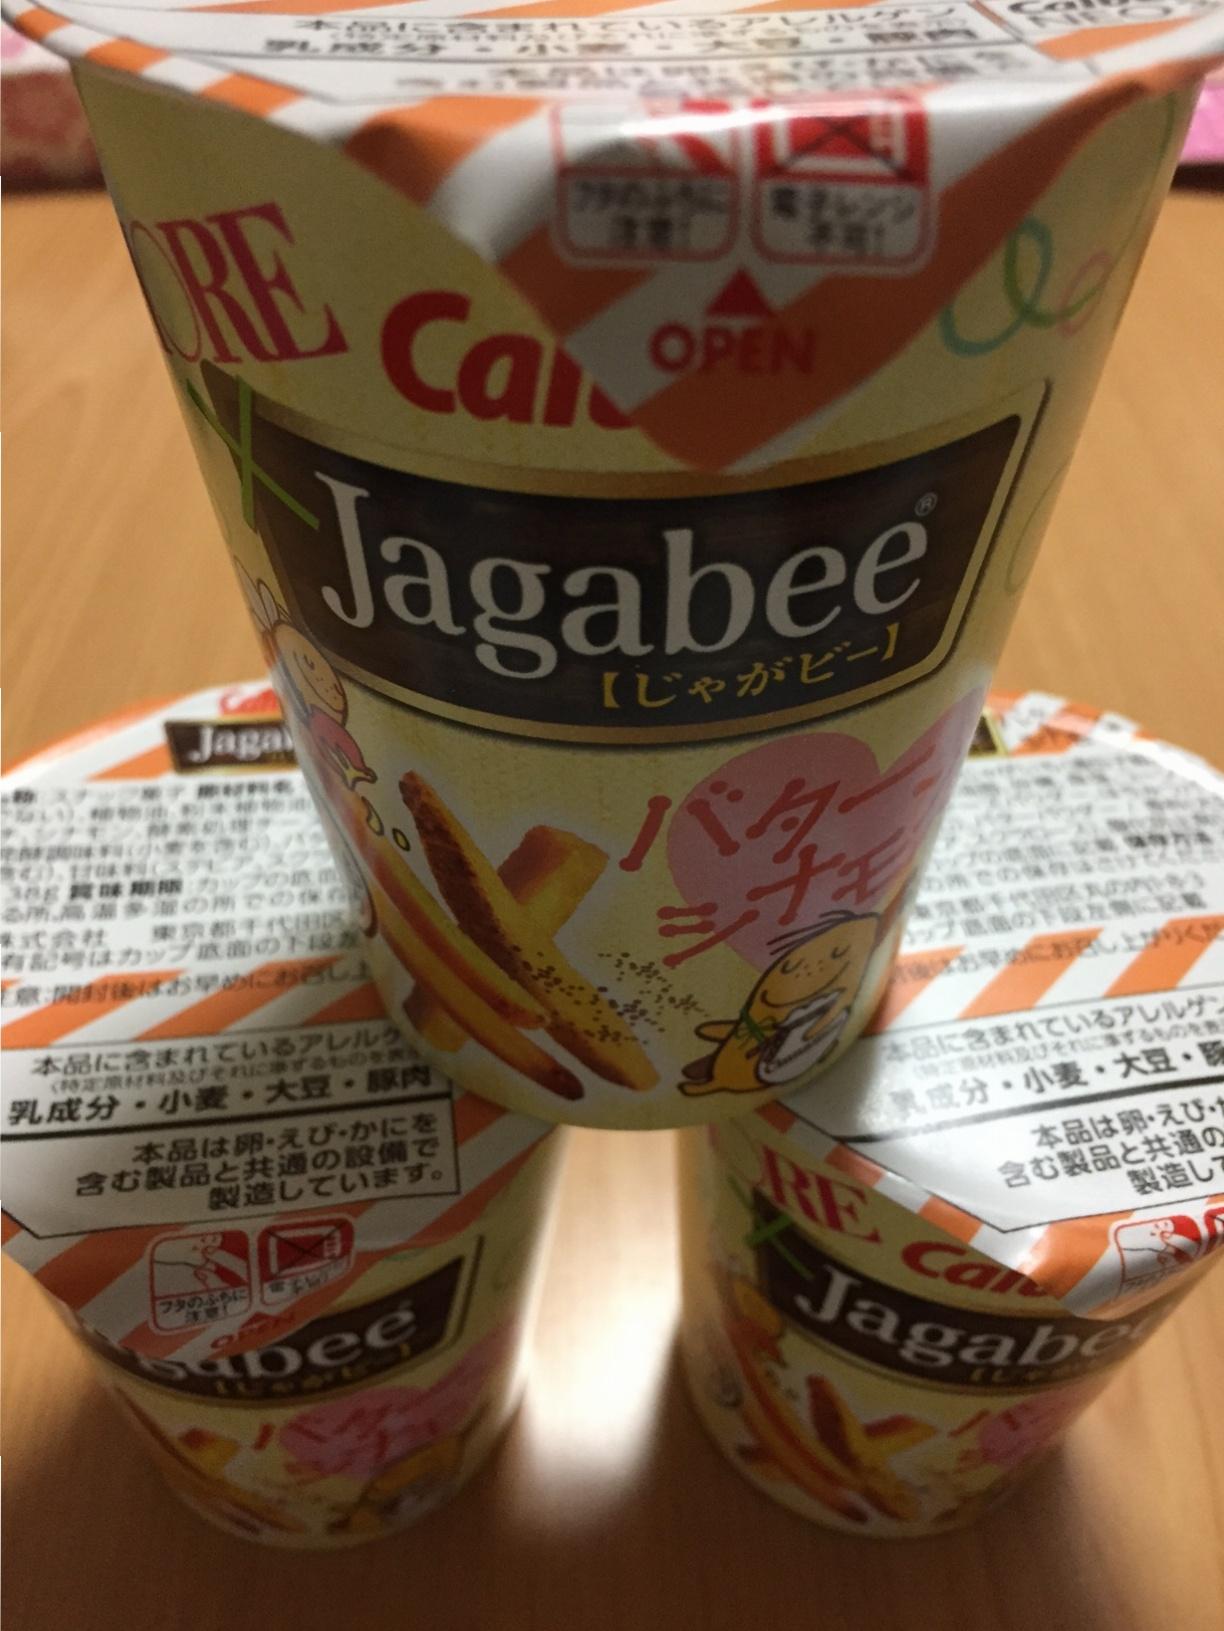 JagabeeとMOREがコラボ!新フレーバー「バターシナモン味」をいただきます♡_3